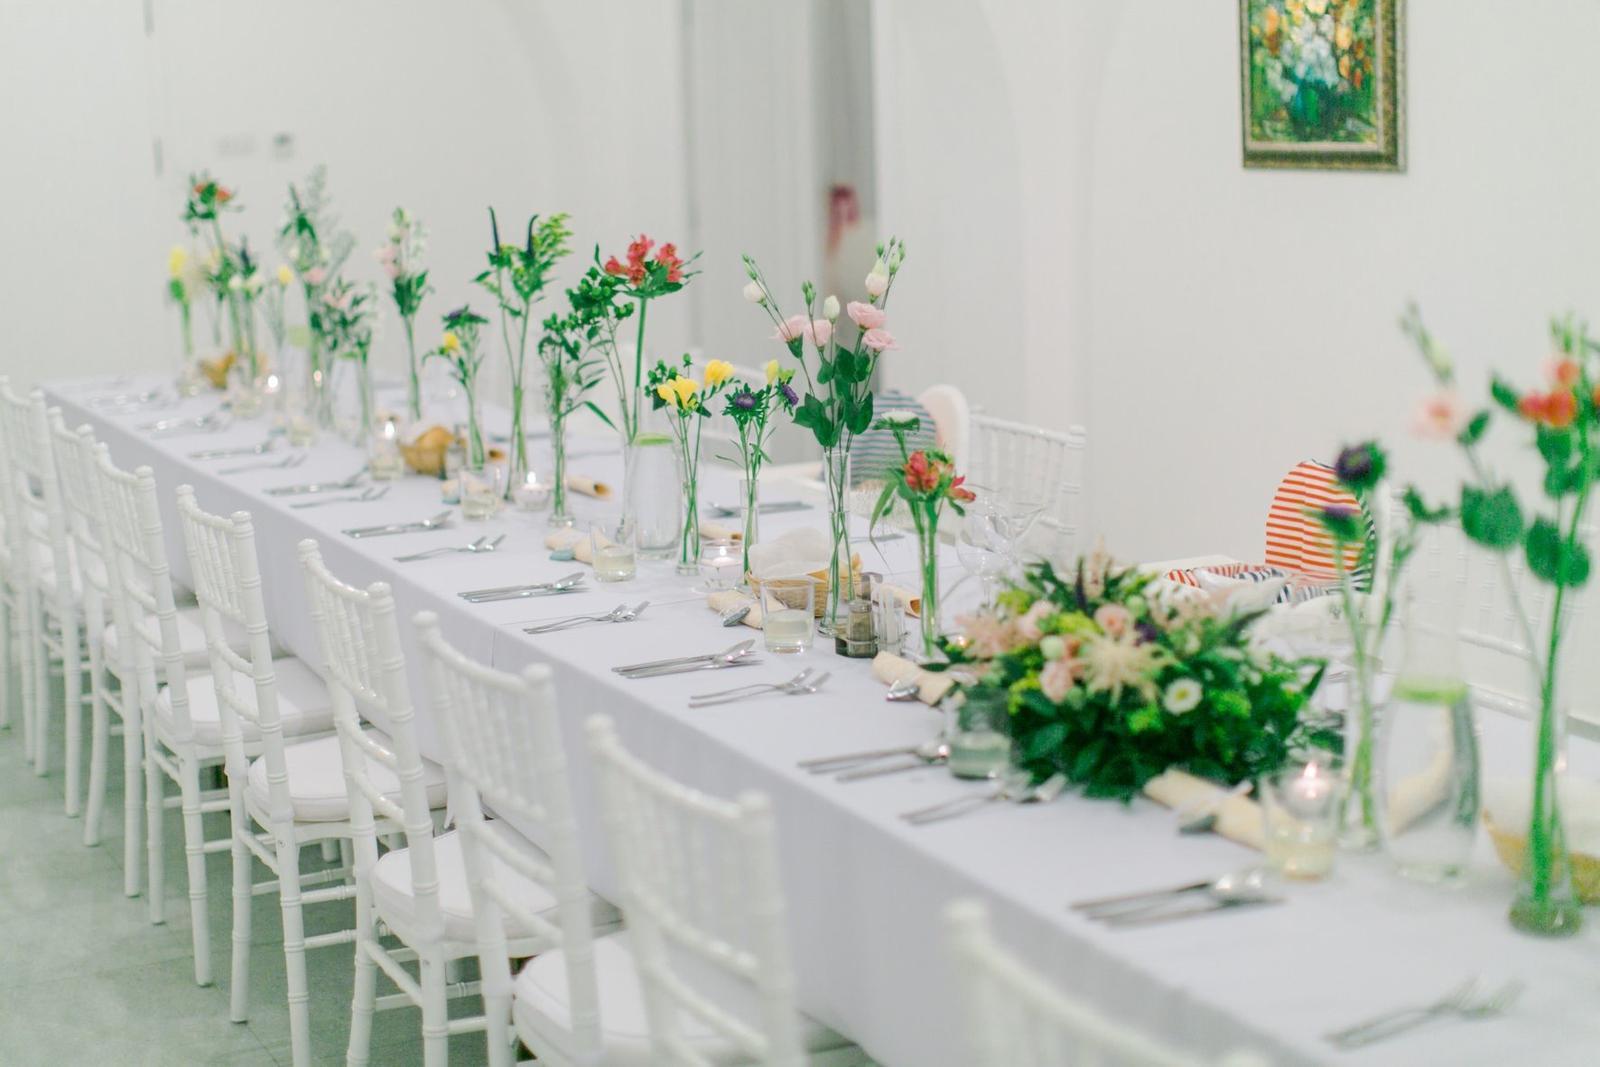 Lúčna svadba - Jemna vyzdoba vo vazickach.